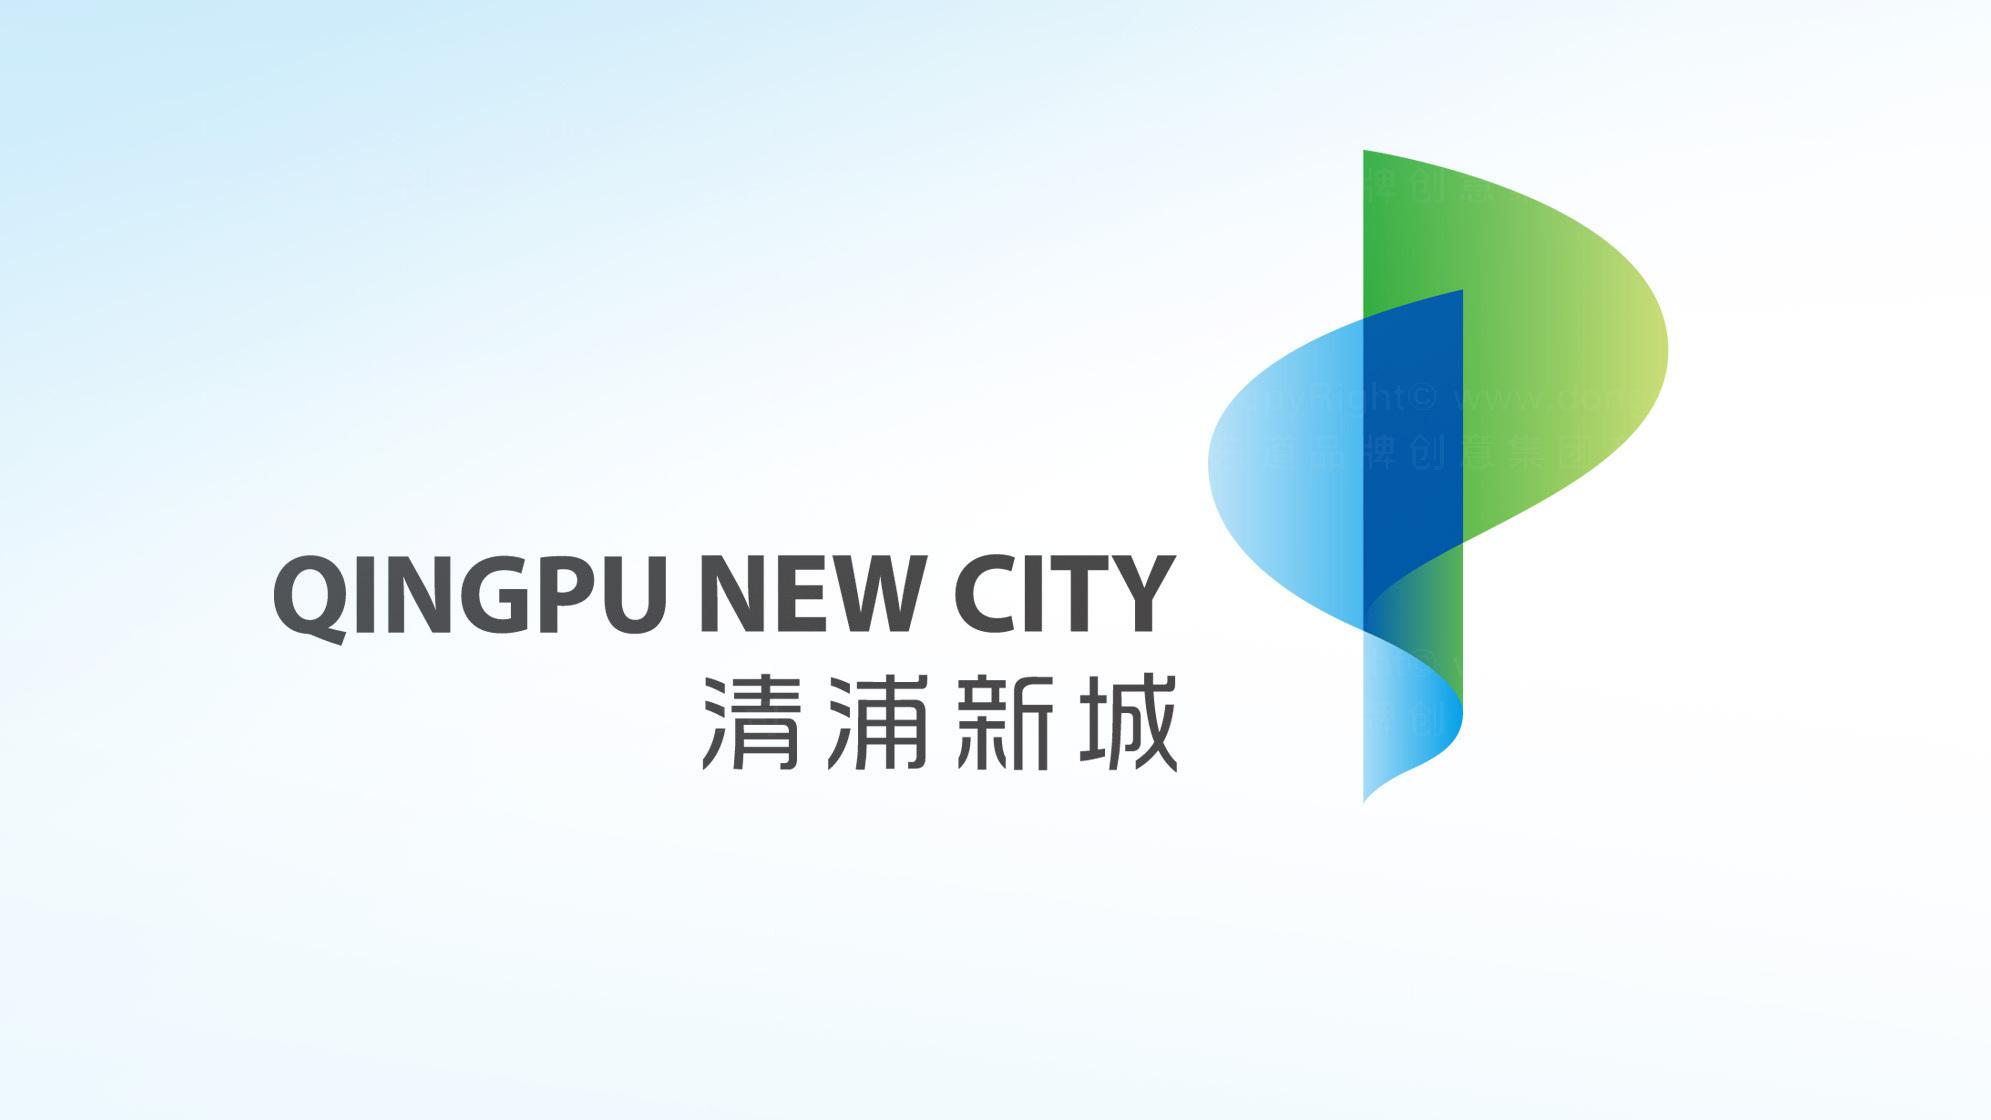 品牌设计案例清浦新城LOGO&VI设计